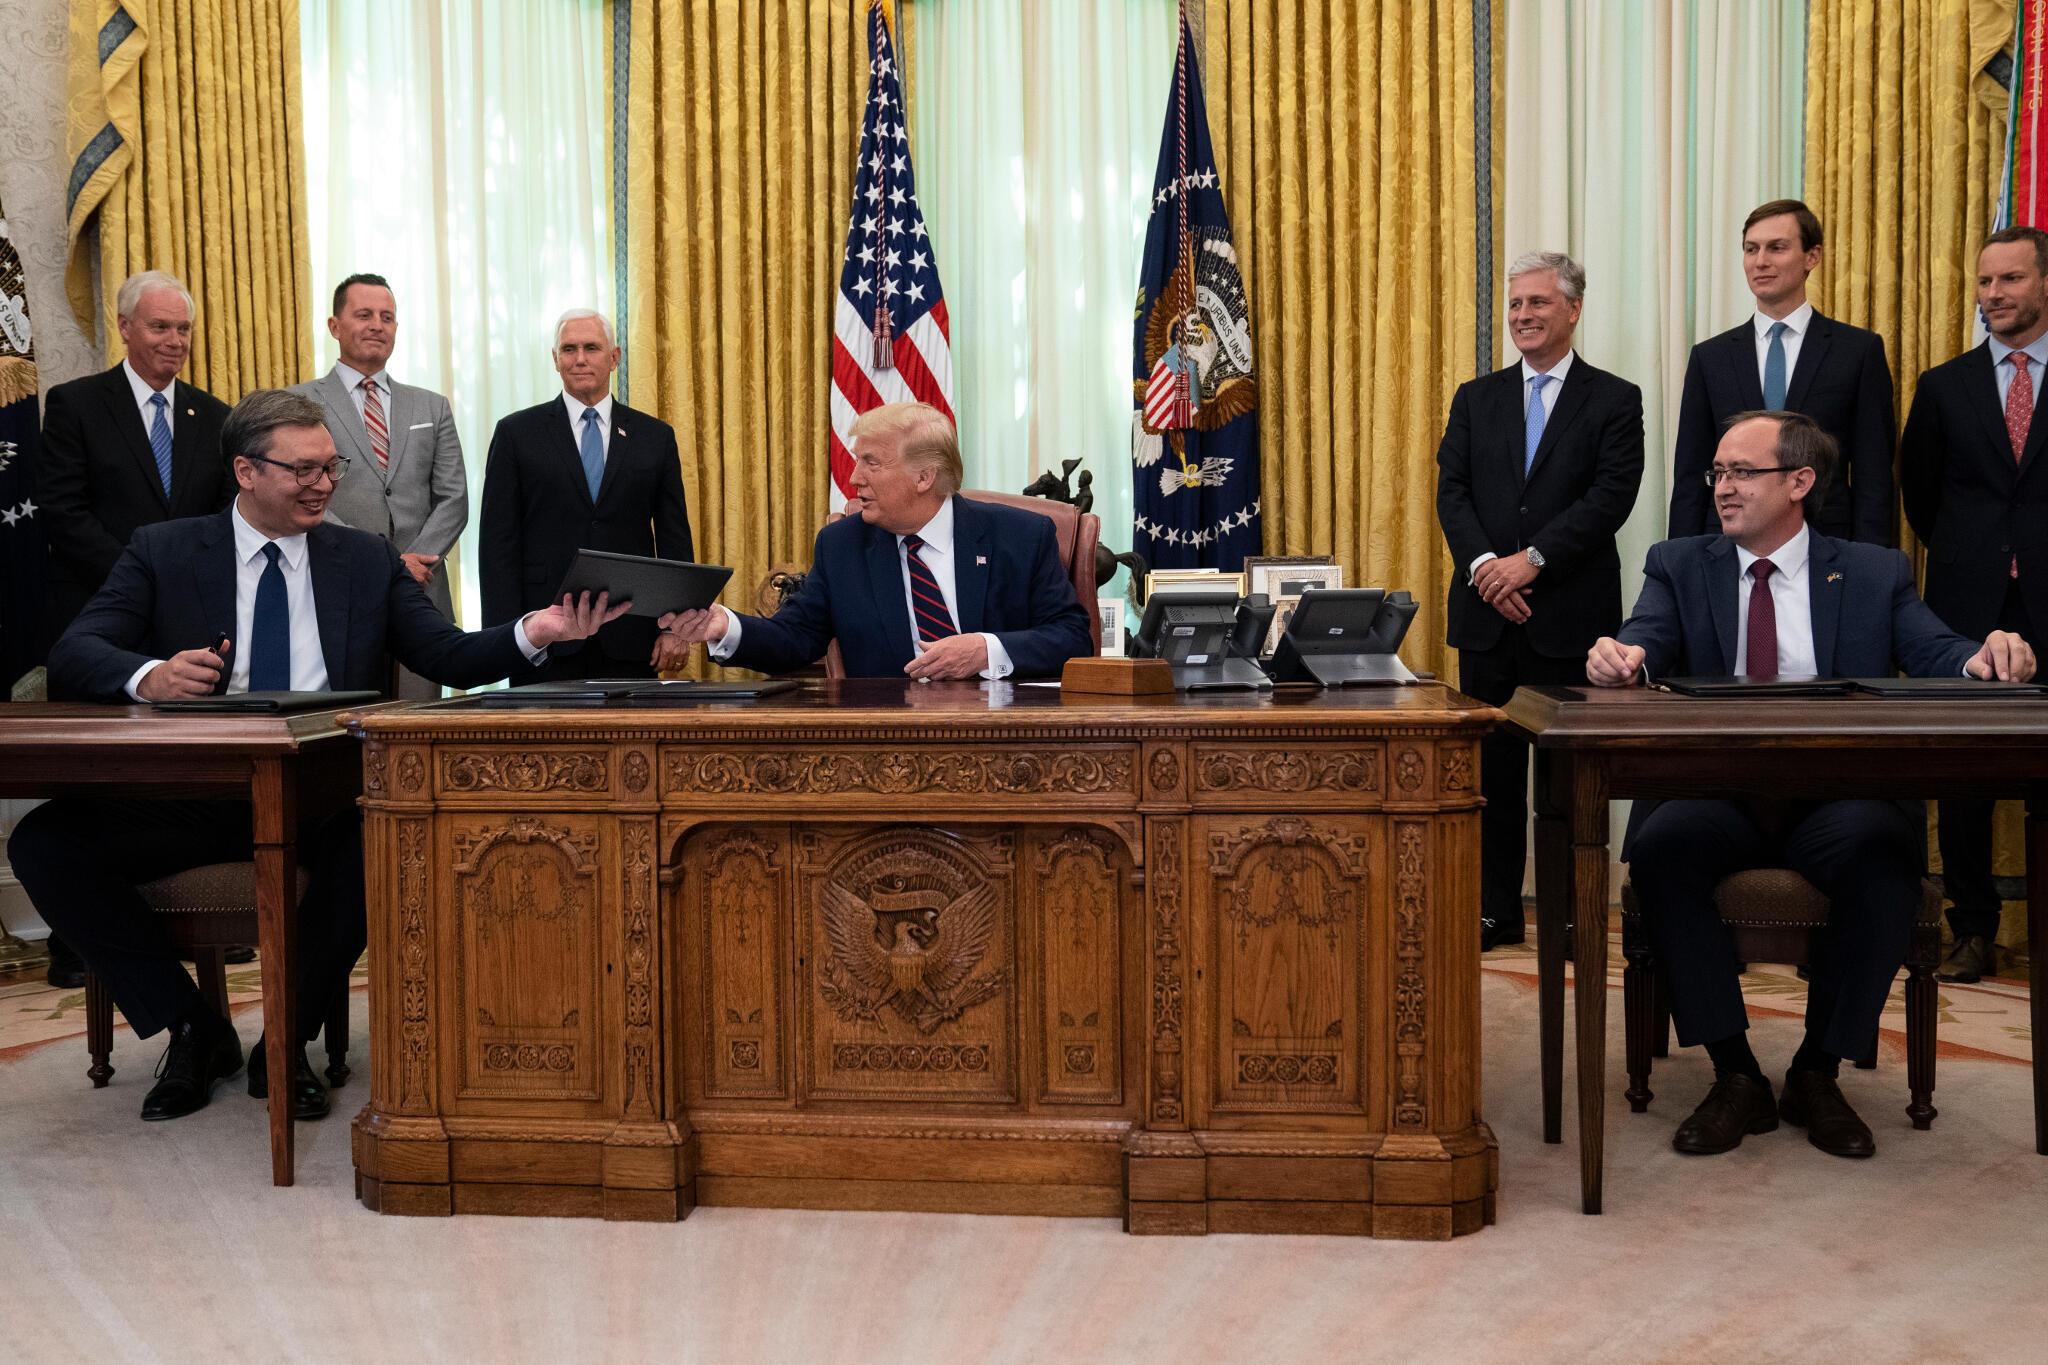 Tổng thống Mỹ, Donald Trump ( giữa) chứng kiến lễ ký thỏa thuận kinh tế giữa tổng thống Serbia Aleksandar Vučić (trái), cùng  thủ tướng Kosovo Avdullah Hoti, ngày 04/09/2020, tại Nhà Trắng, Washington.